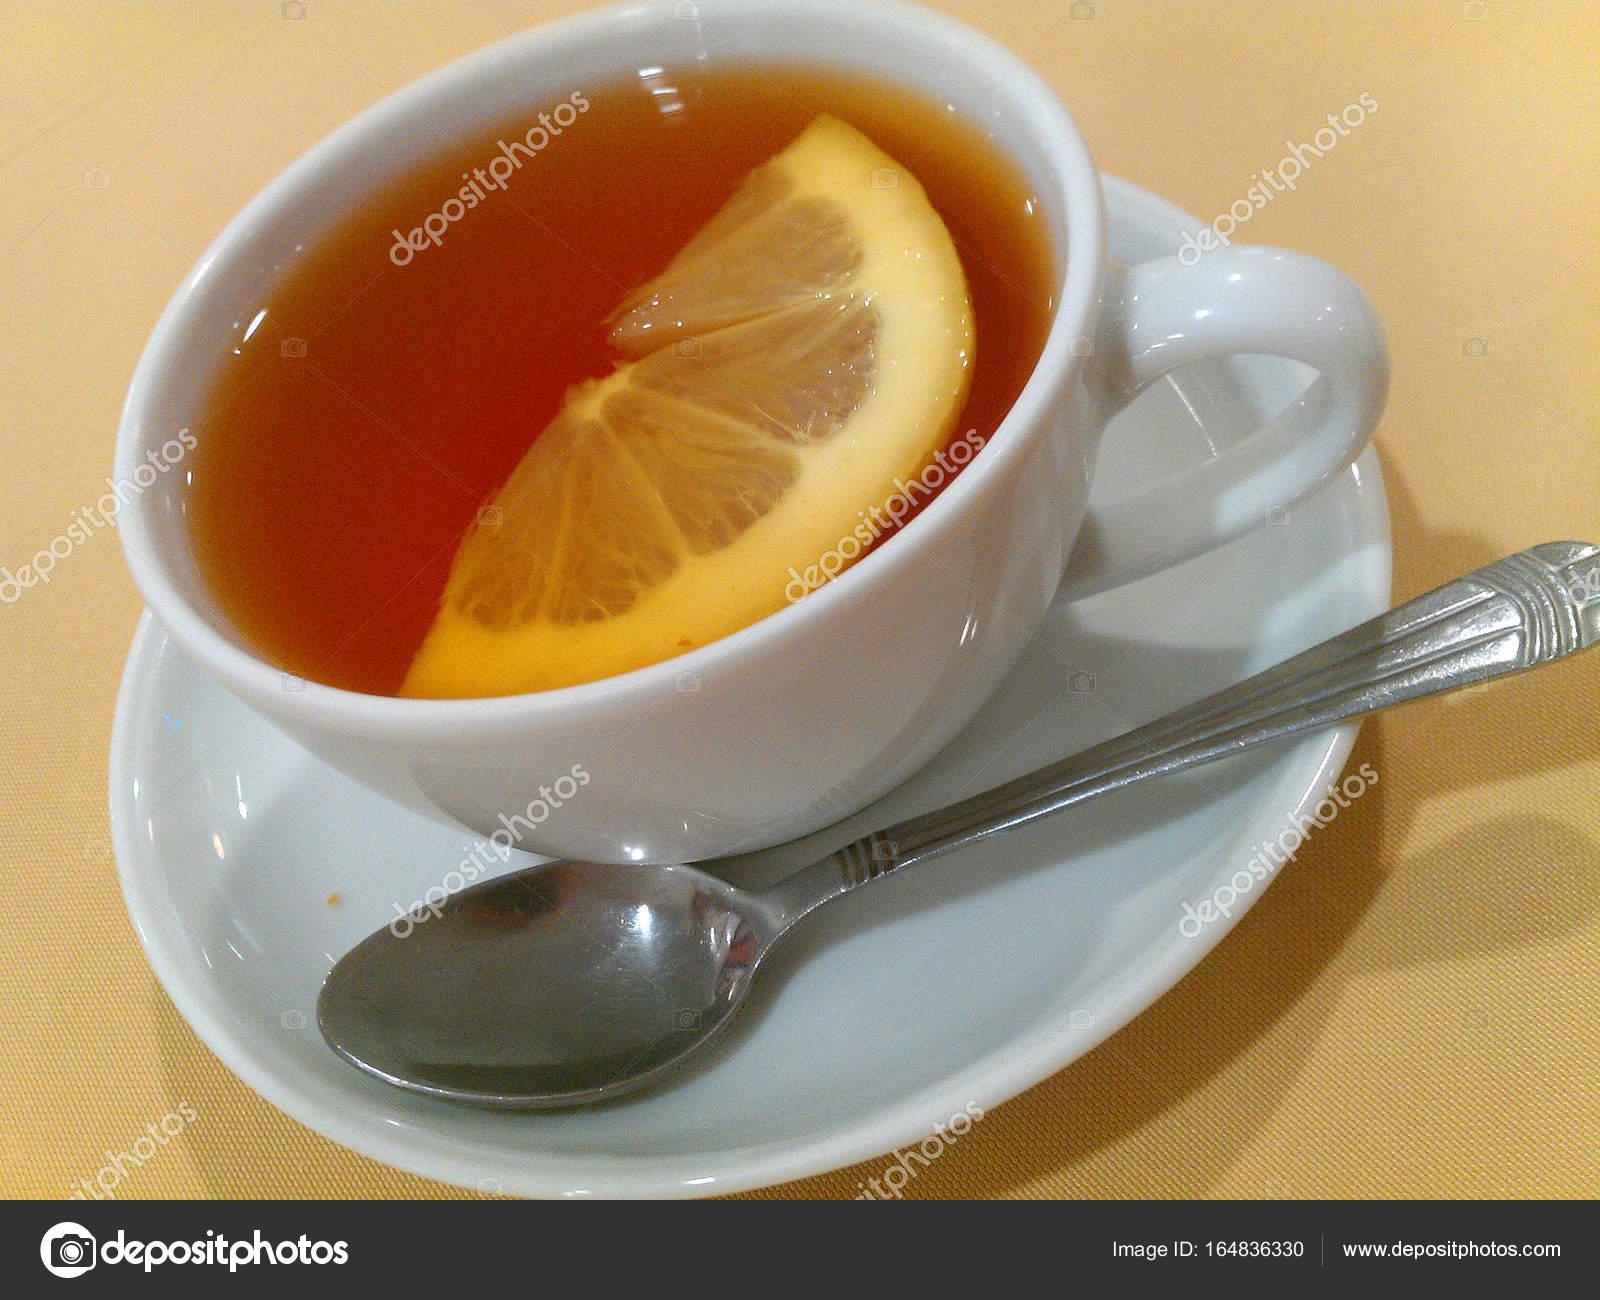 Gesunde Tee Gießen Heißen Tee In Eine Tasse Auf Einem Holztisch